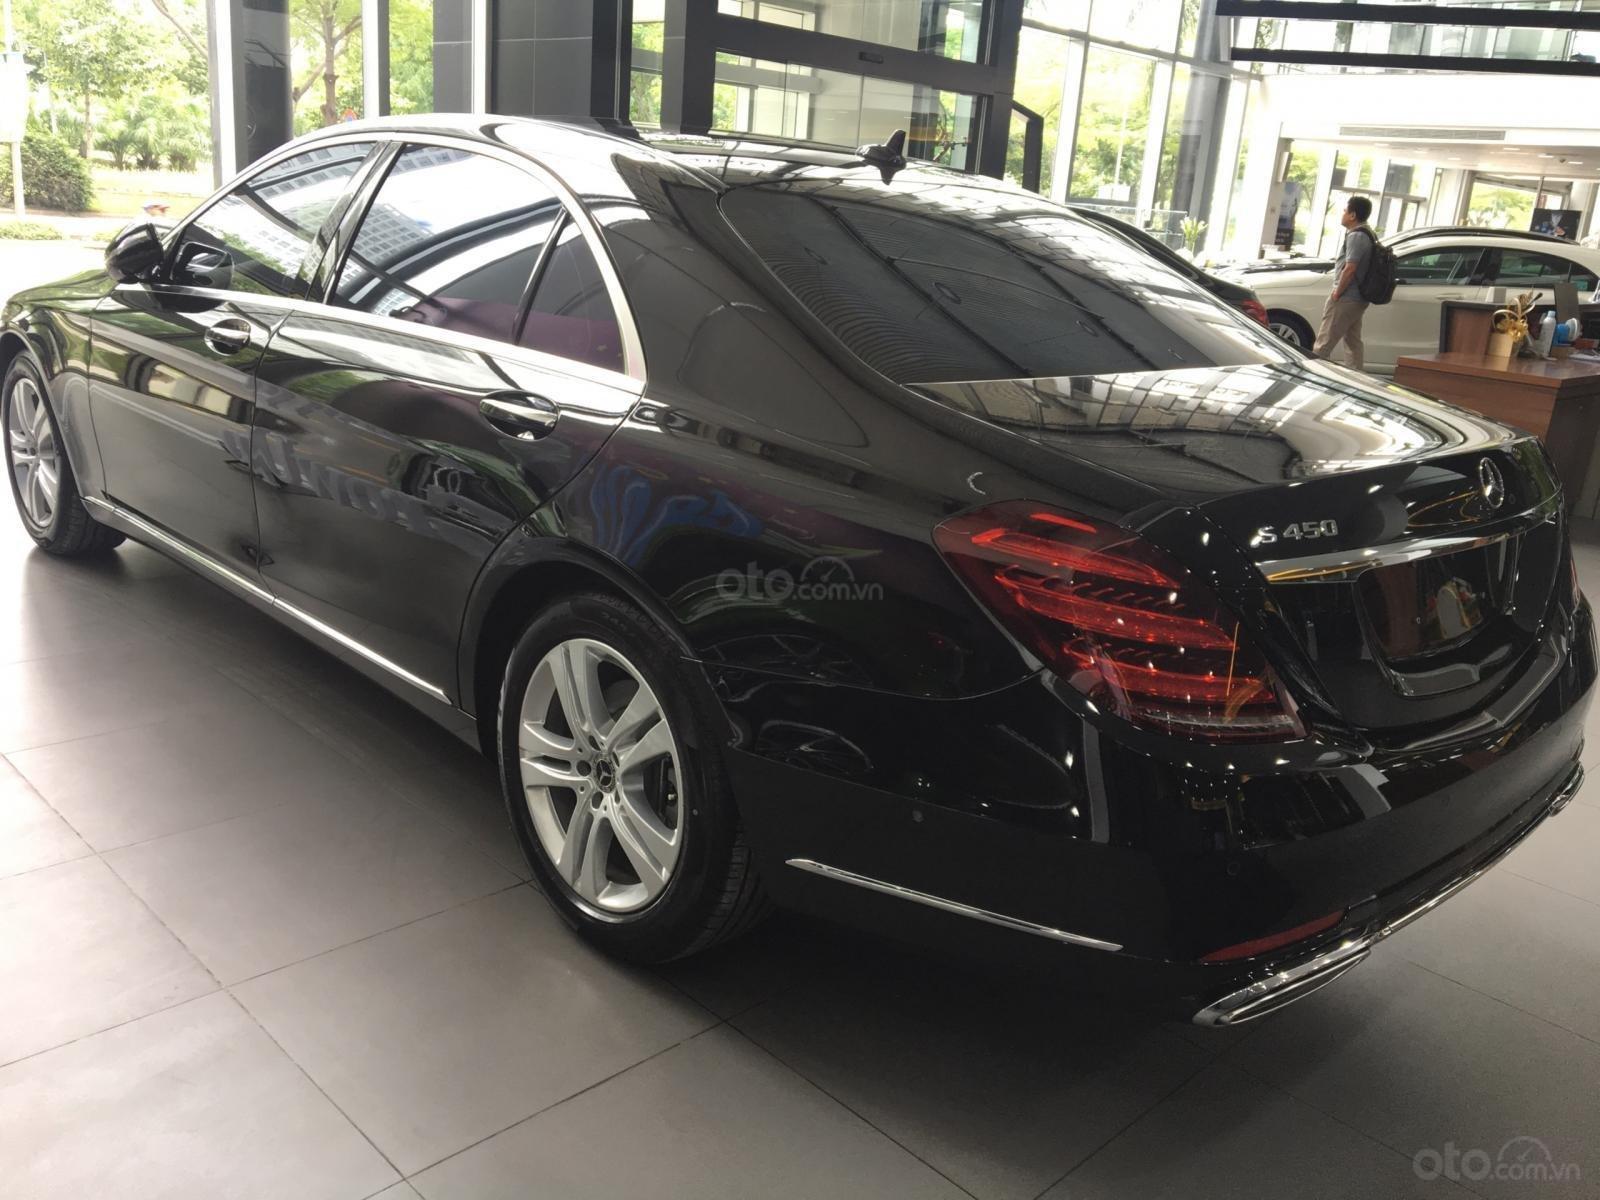 Giá bán và khuyến mãi Mercedes S450 sx 2019, giá lăn bánh, ưu đãi bảo hiểm và phụ kiện chính hãng (8)